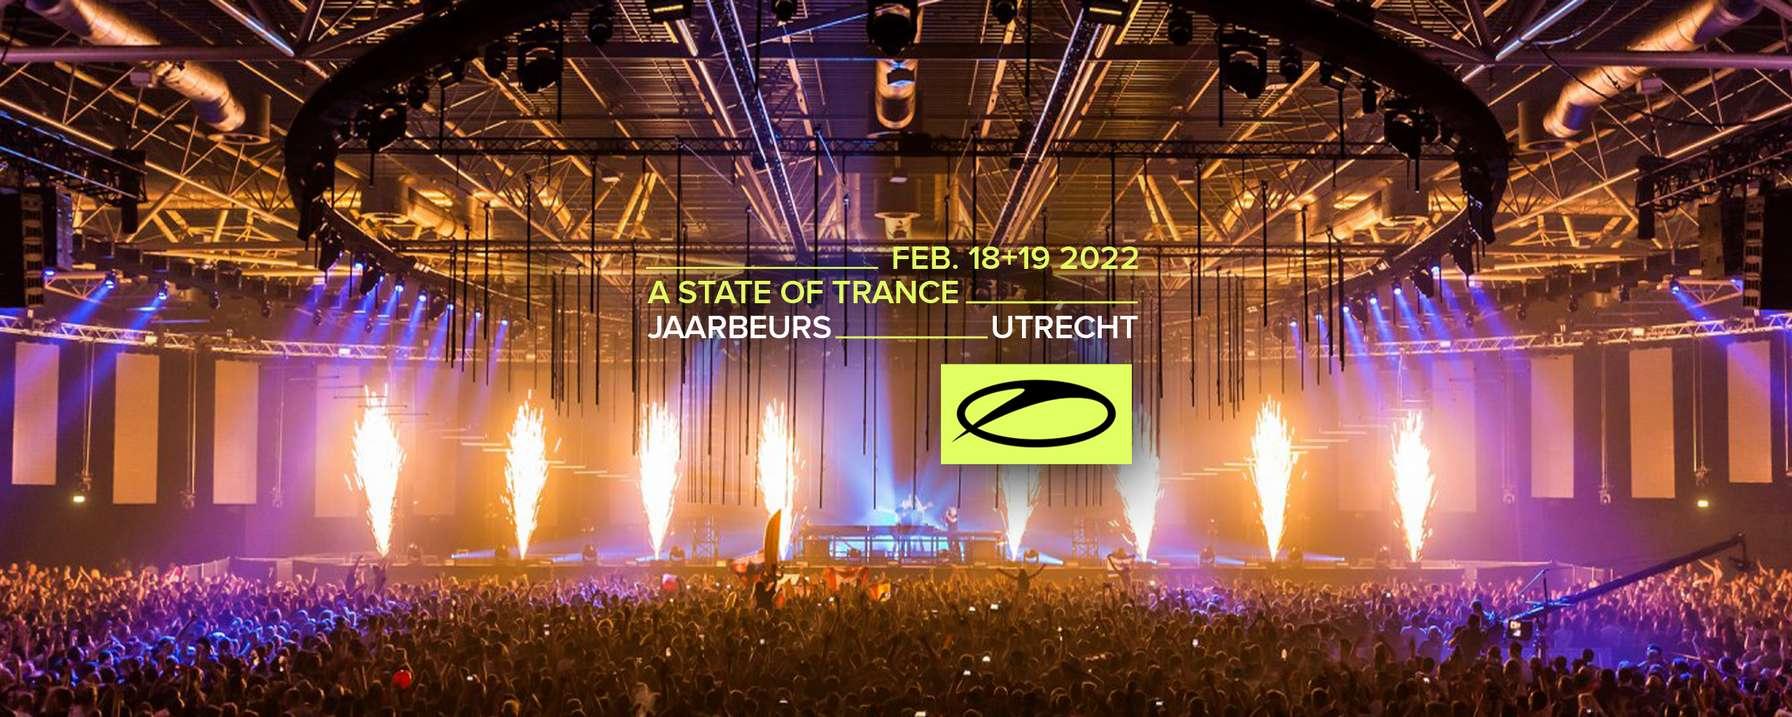 ASOT 1000 Festival Utrecht 2022